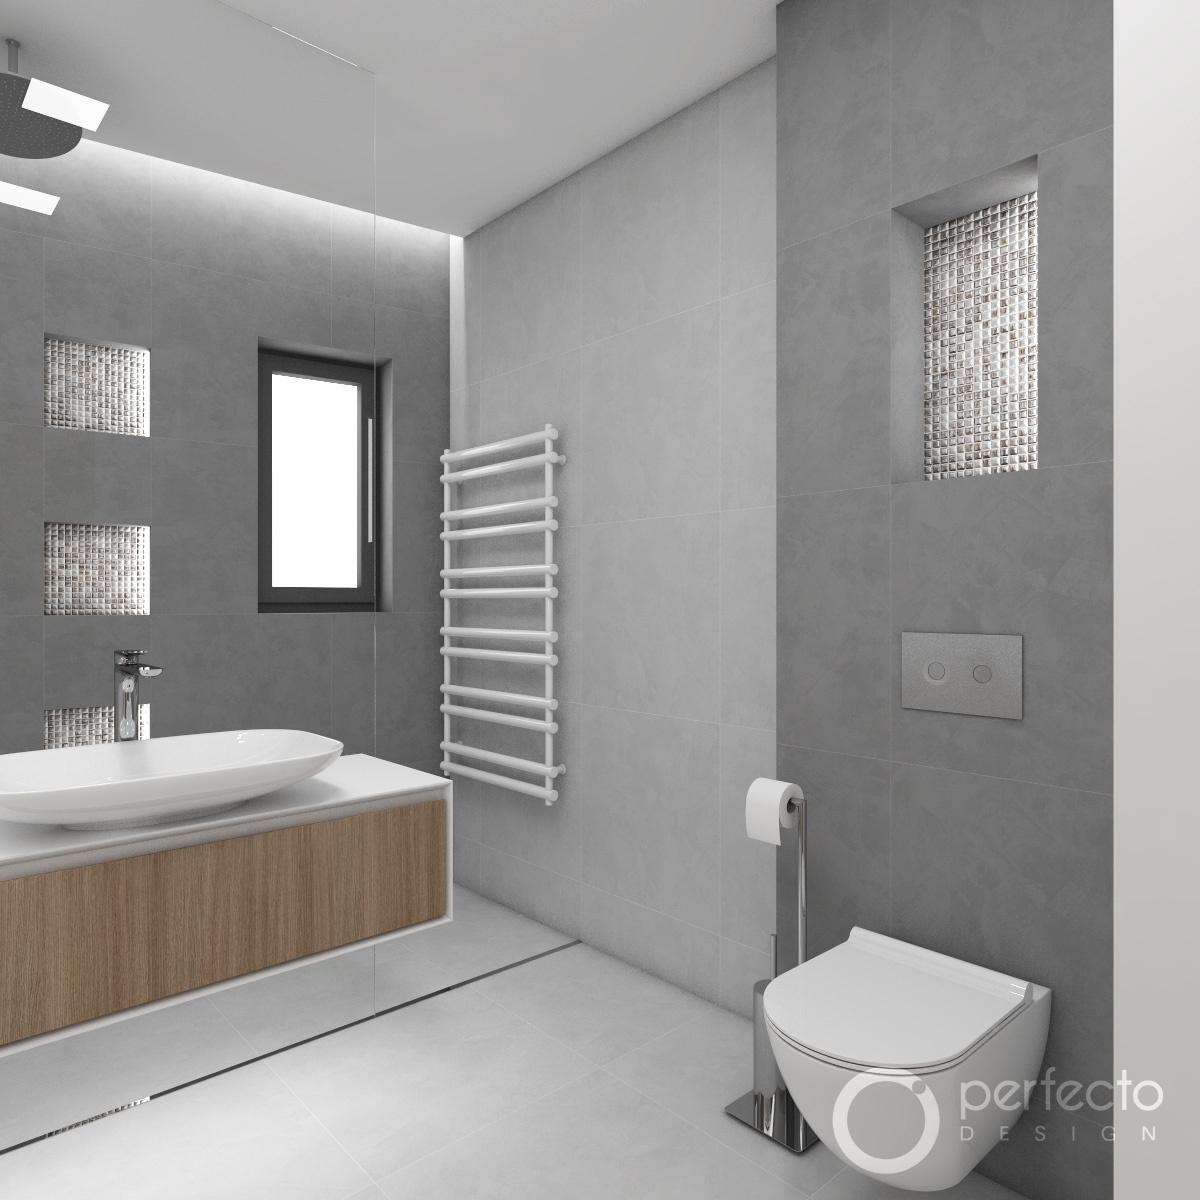 Modernes Badezimmer CHICAGO  Perfecto design